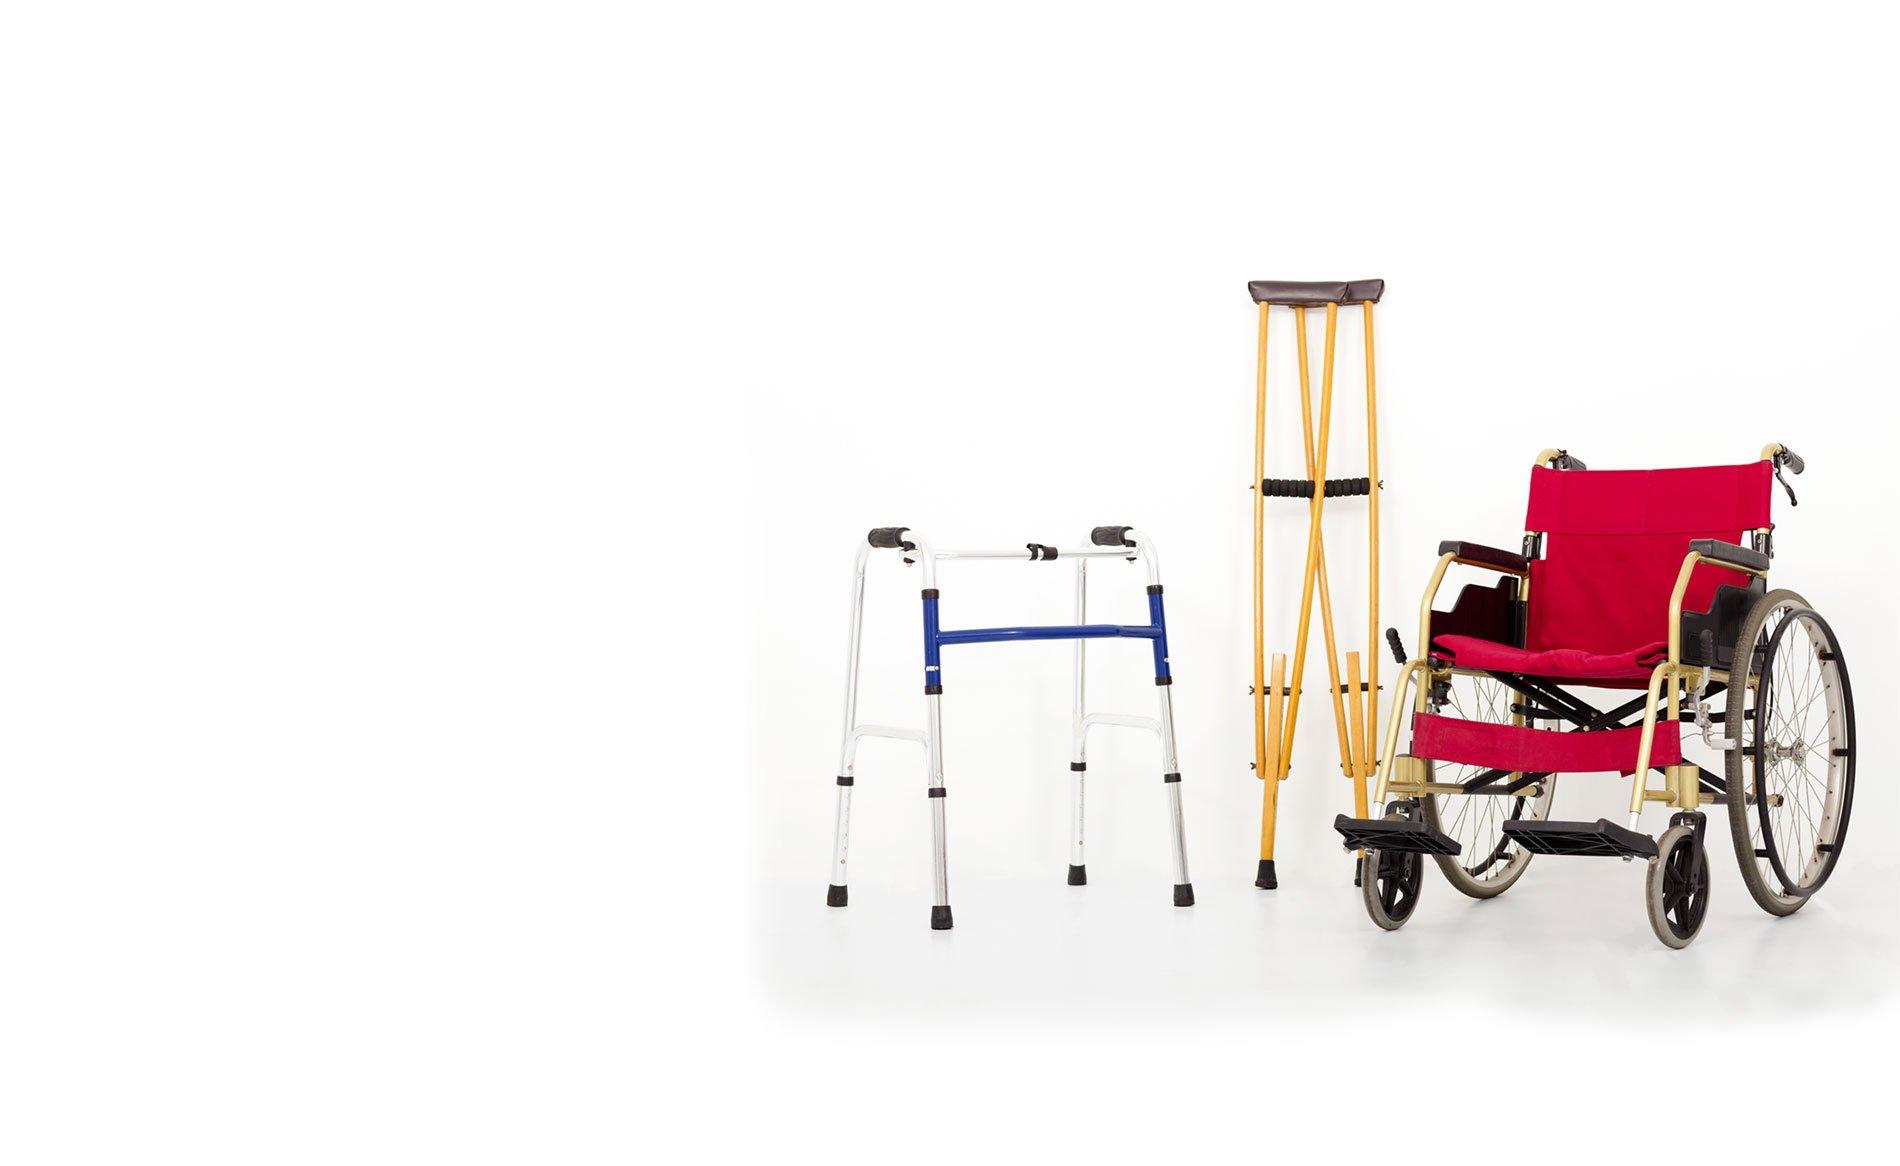 Ortopedia Marchetti a Sarnico Bergamo effettua servizio di noleggio di apparecchiature e ausili ortopedici ed elettromedicali con trasporto e montaggio incluso